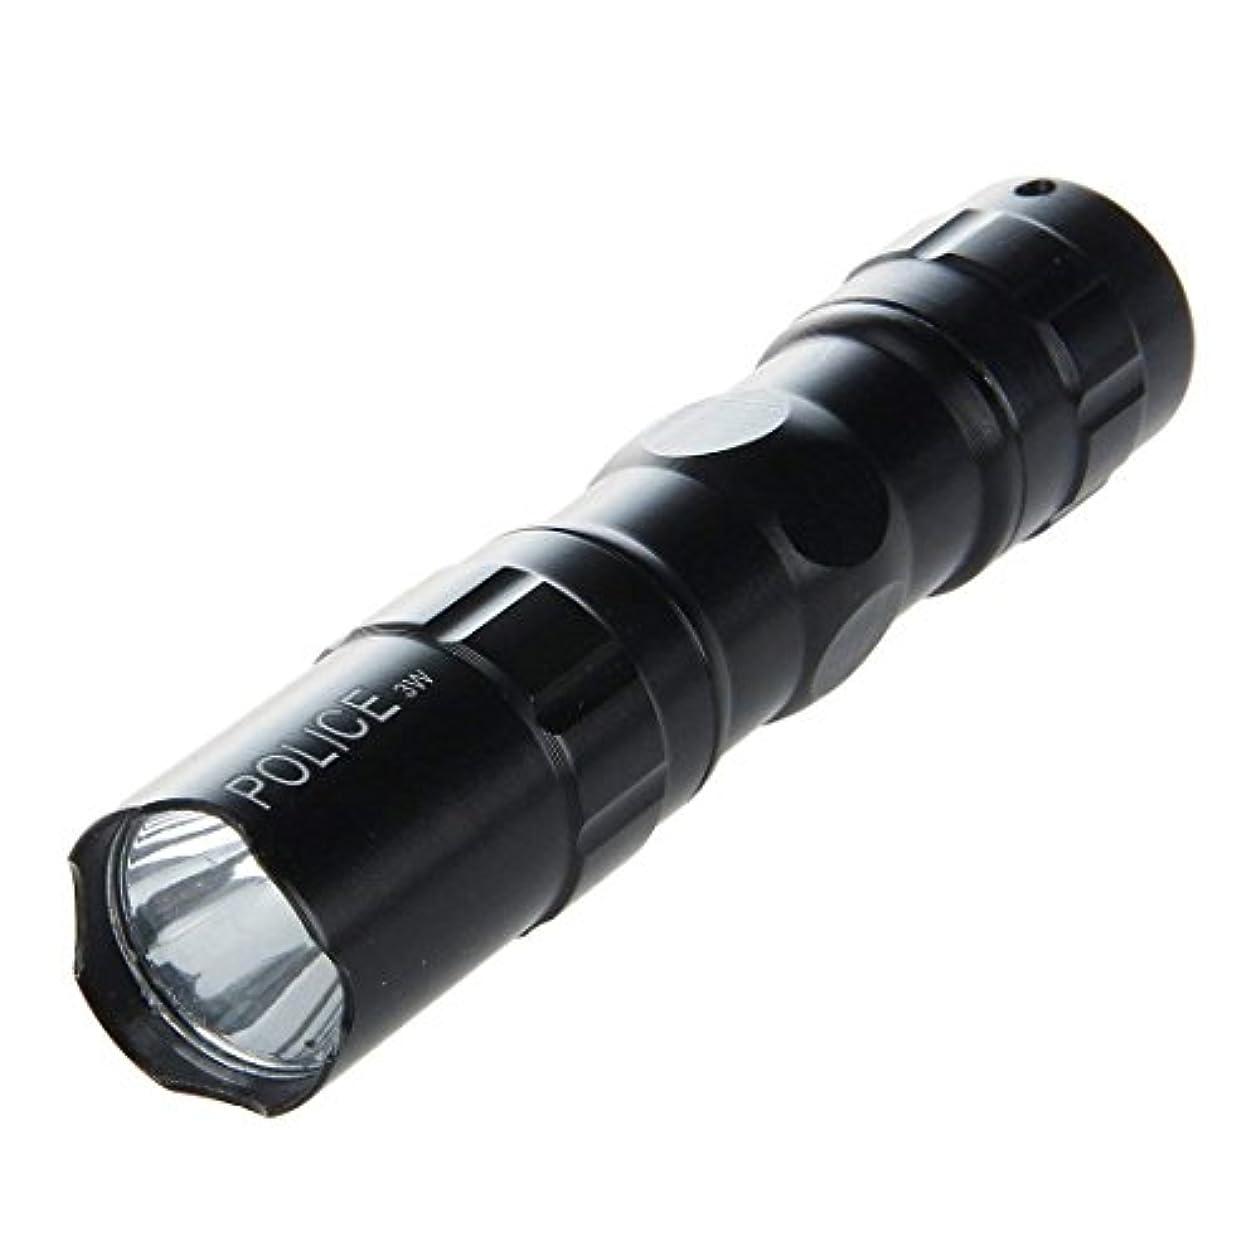 強打昆虫を見る受け入れたCity-Center 小型 LED 懐中電灯 防水3W LED200LM明るいミニ懐中電灯ランプトーチ、キャンプ釣り用 防水 防災